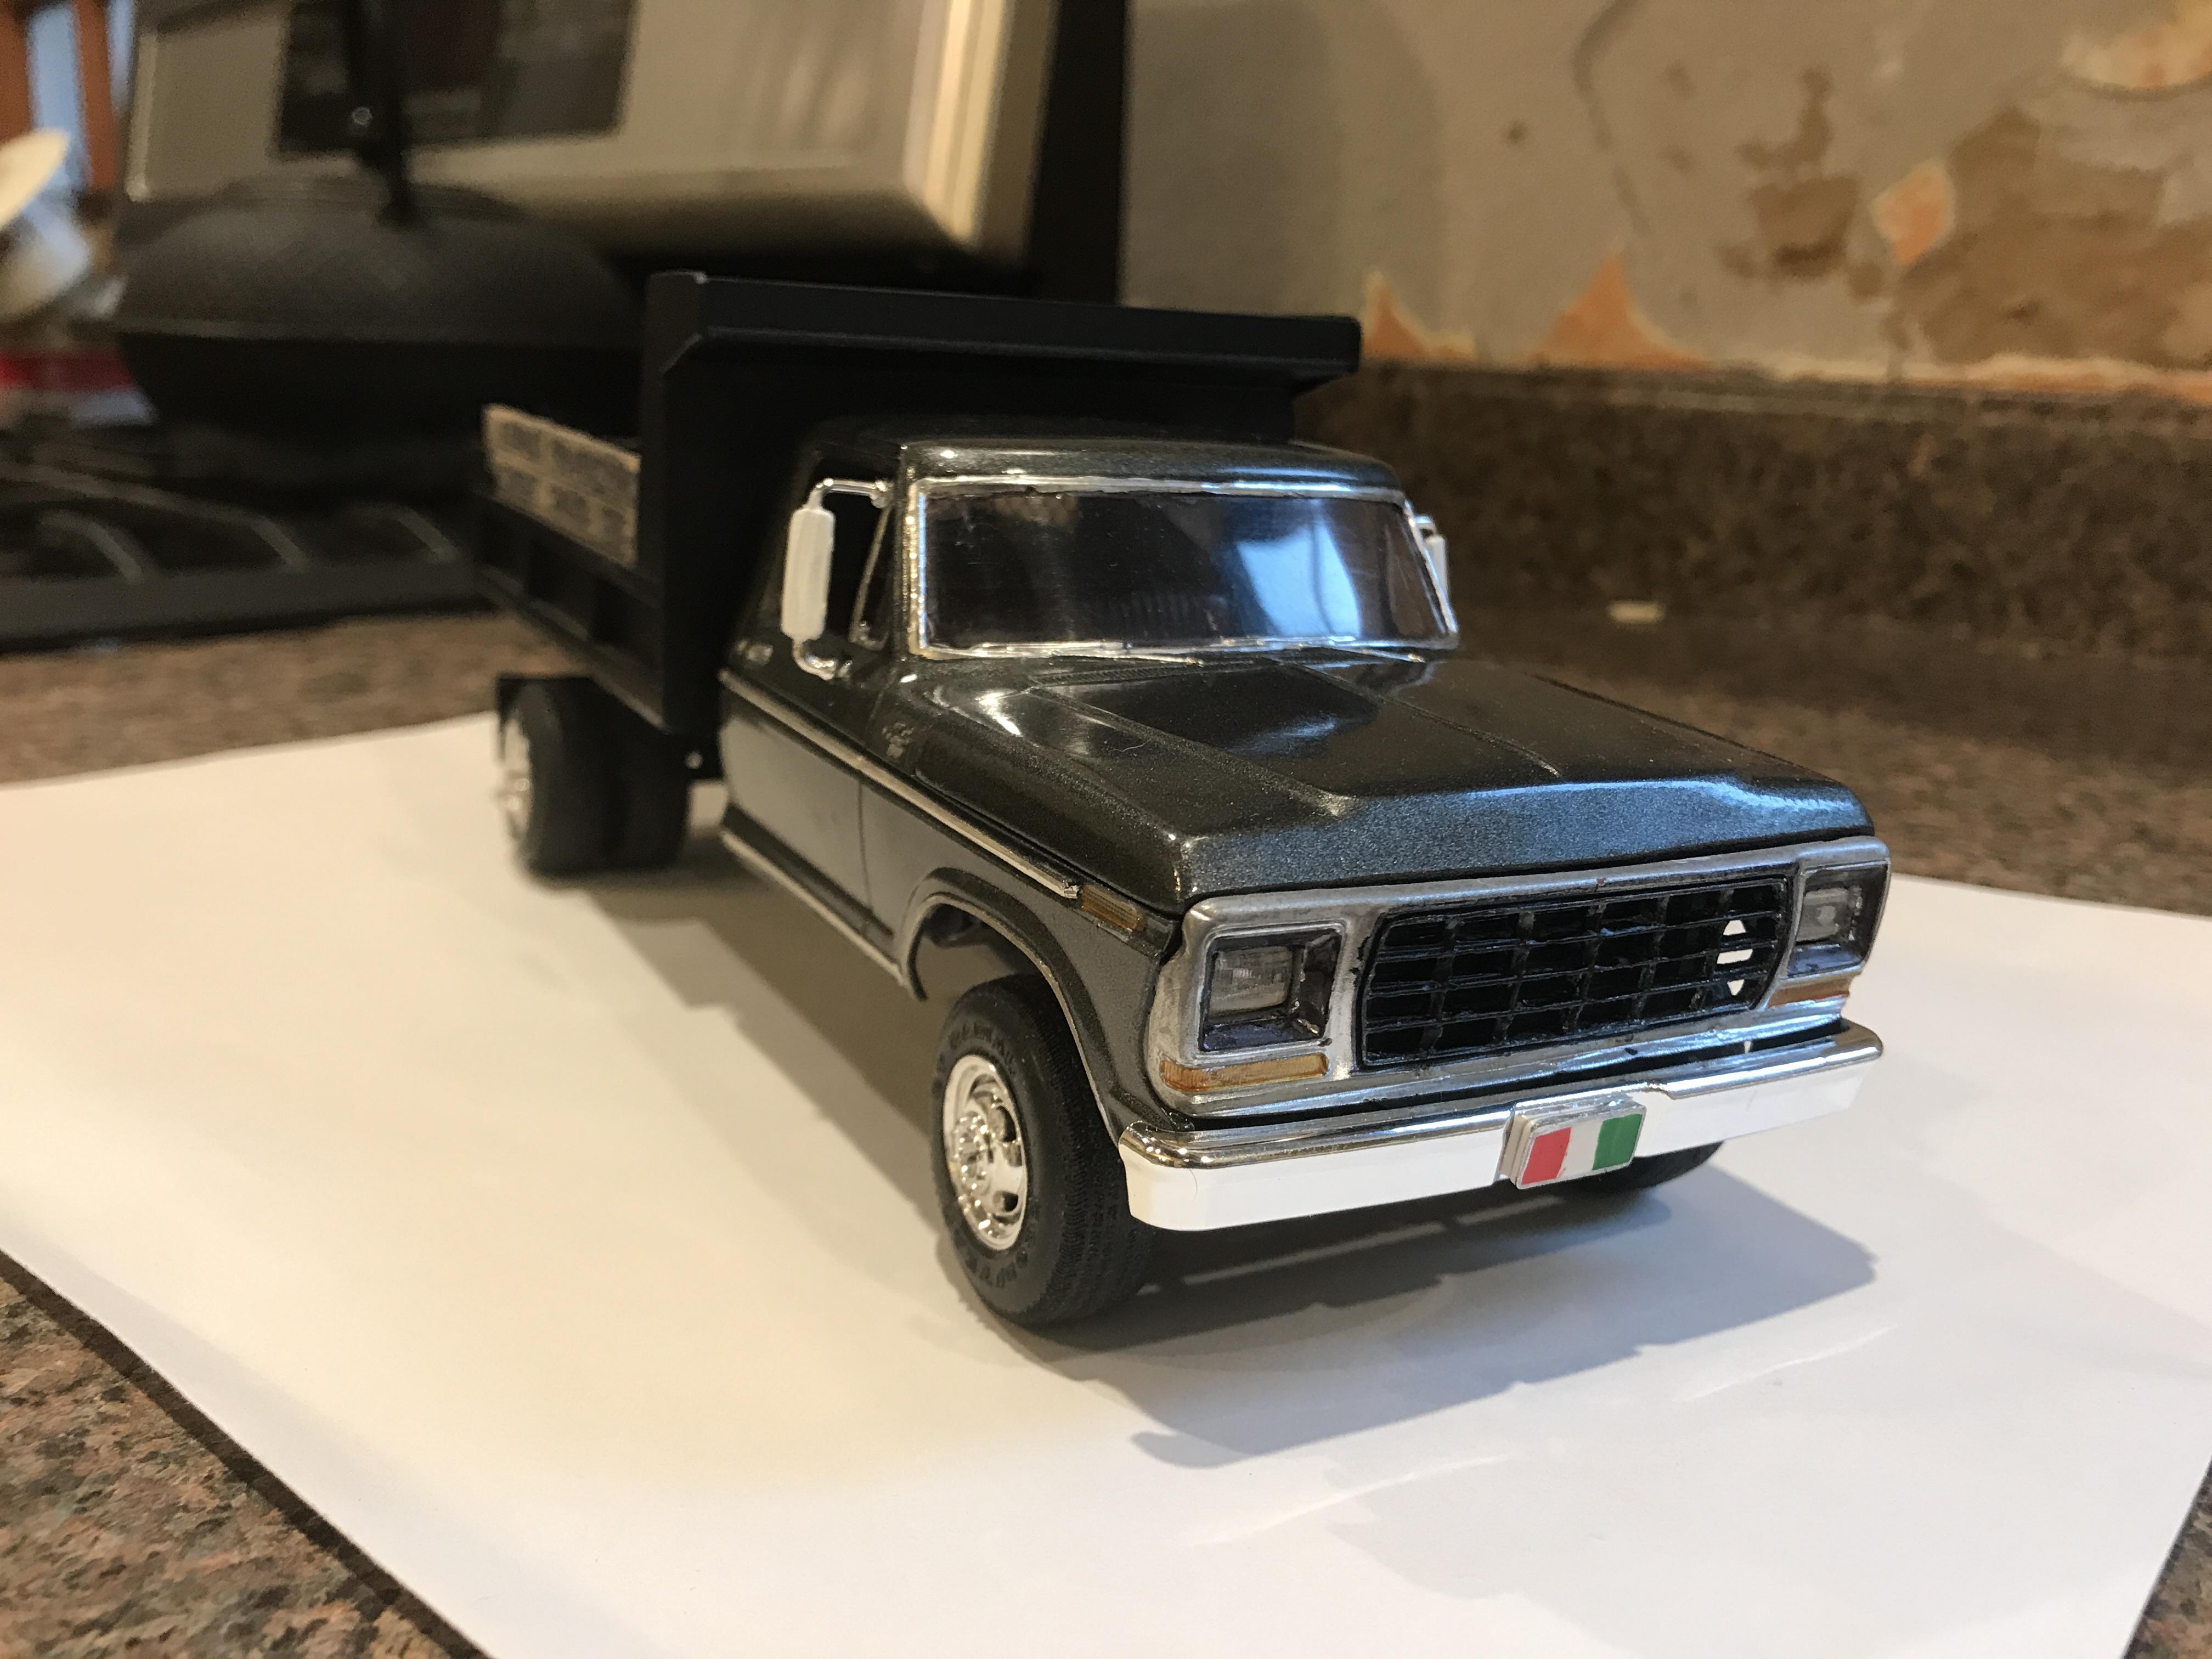 Ford dump truck - Under Glass: Pickups, Vans, SUVs, Light